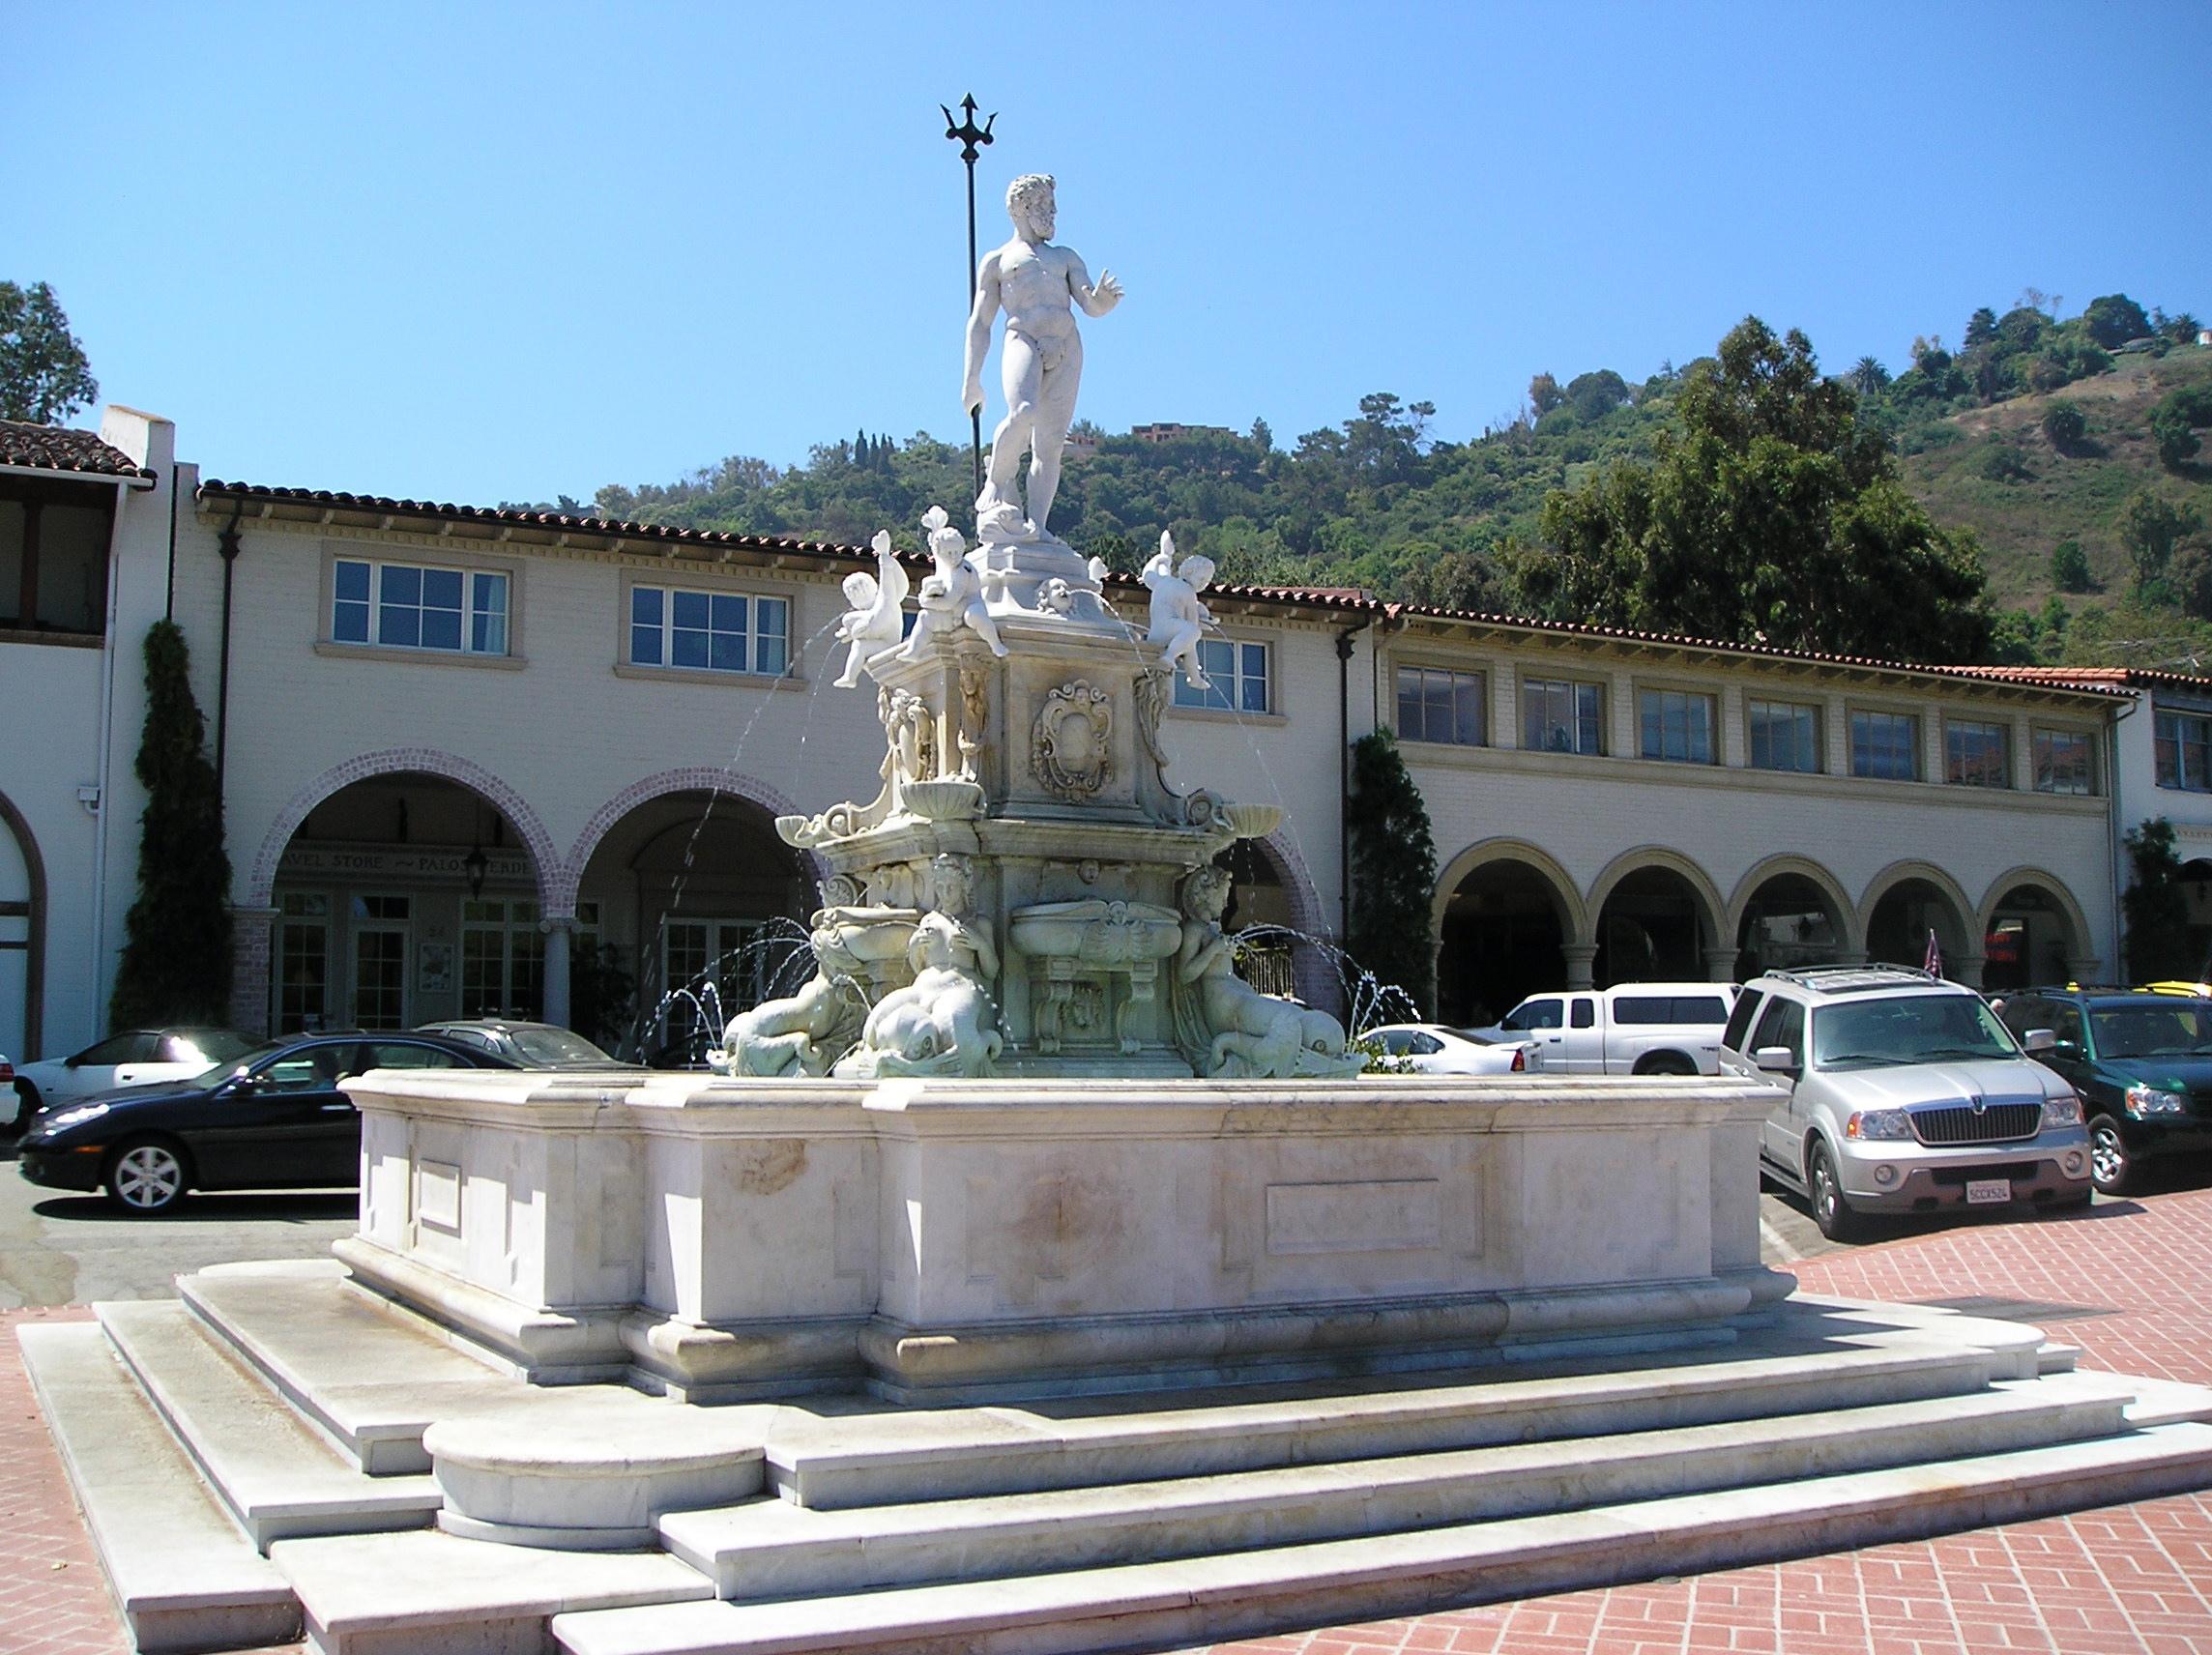 malaga  spain  king neptune fountain malaga cove plaza